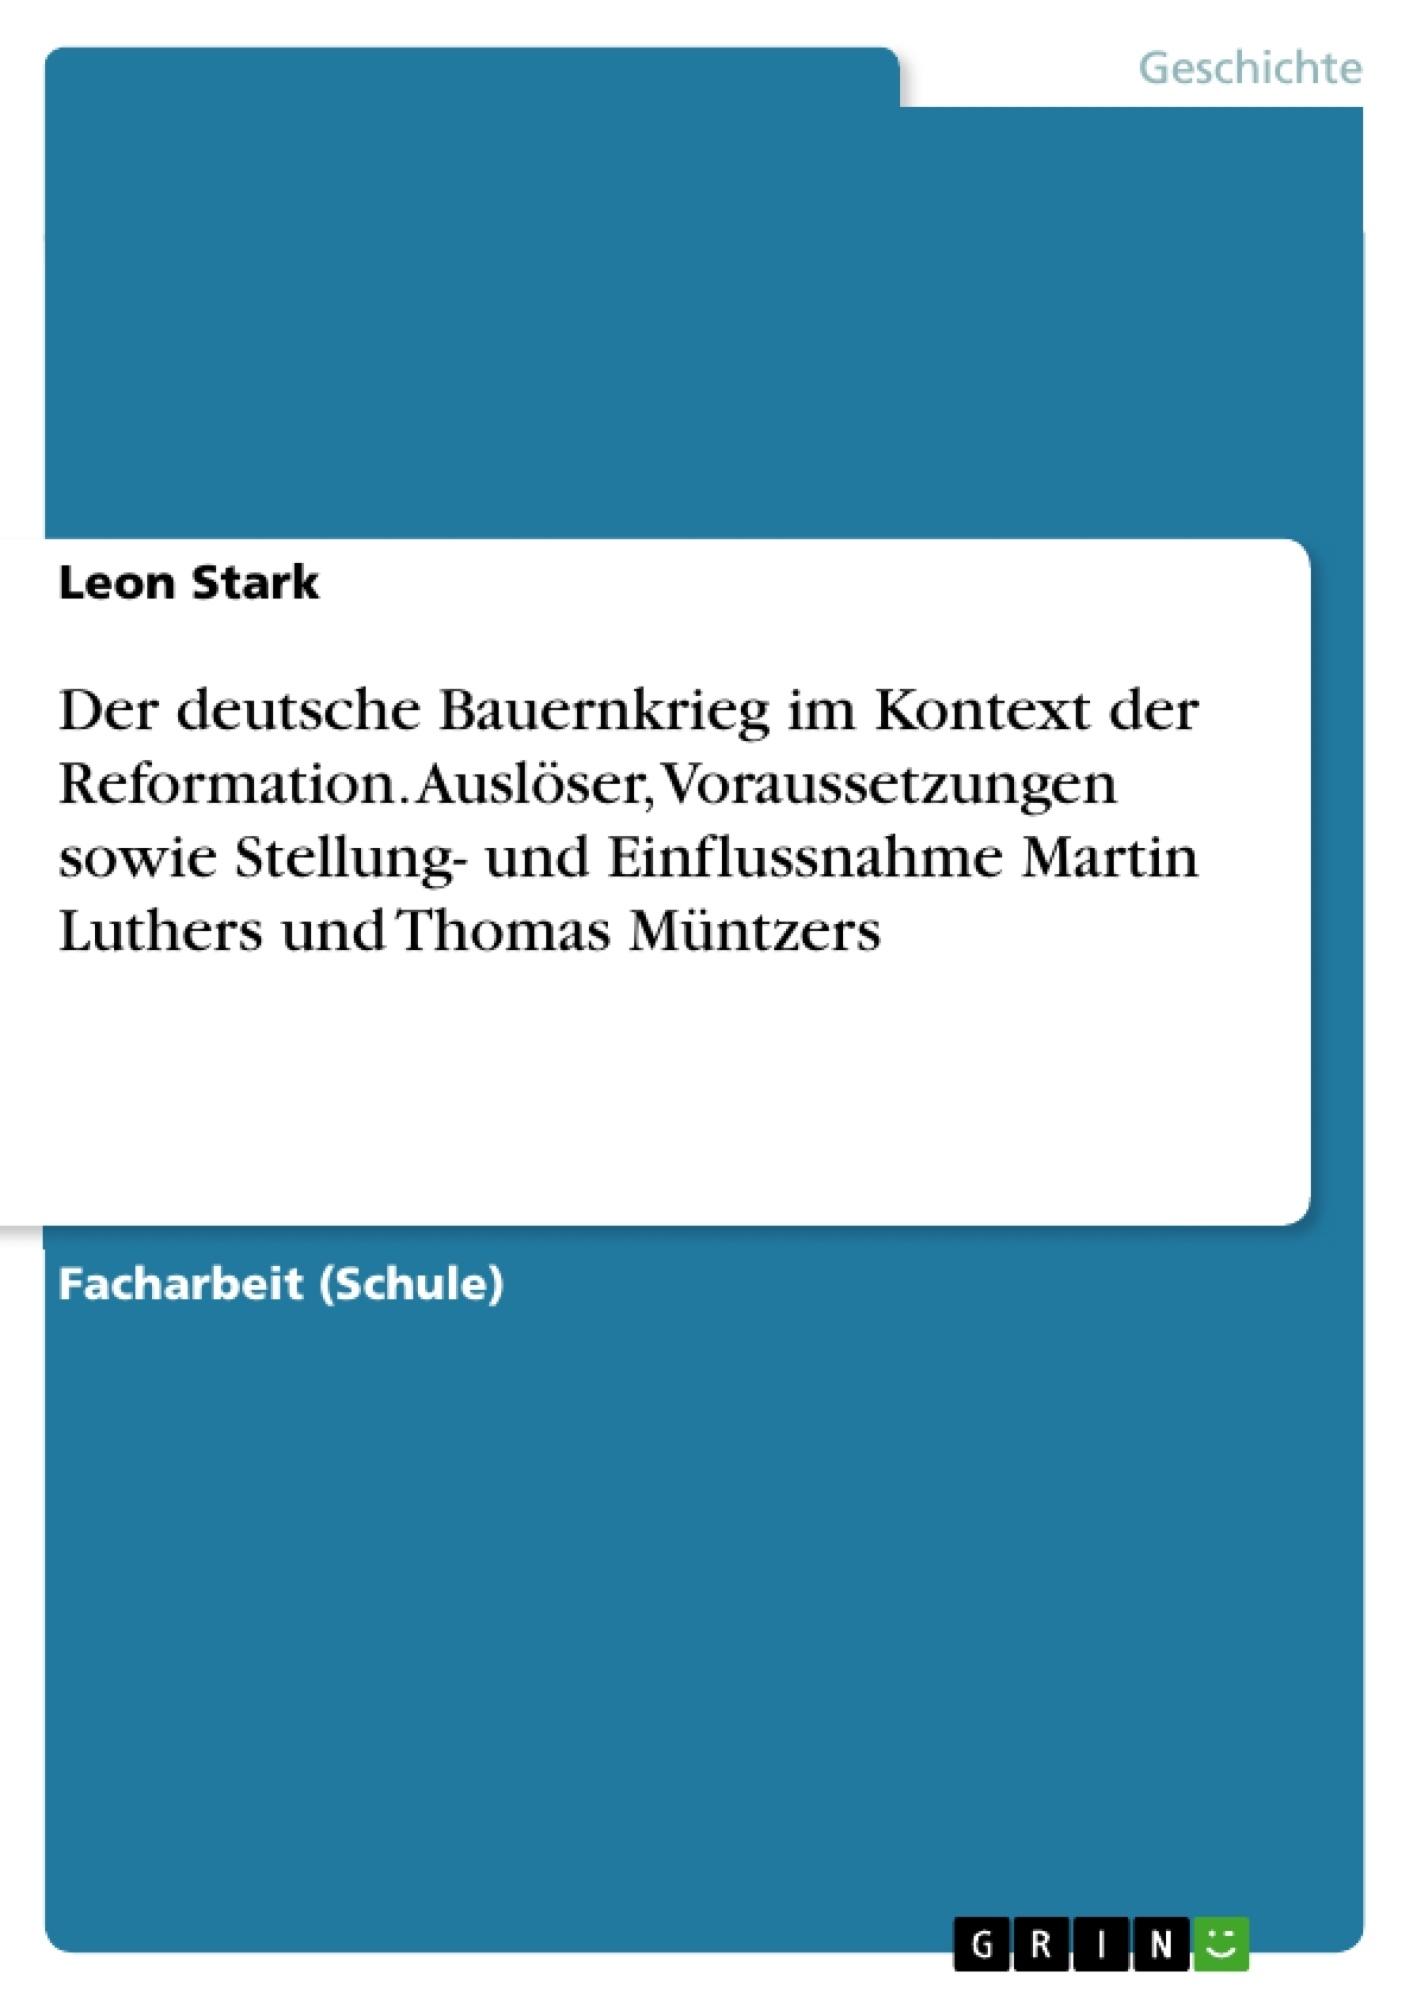 Titel: Der deutsche Bauernkrieg im Kontext der Reformation. Auslöser, Voraussetzungen sowie Stellung- und Einflussnahme Martin Luthers und Thomas Müntzers